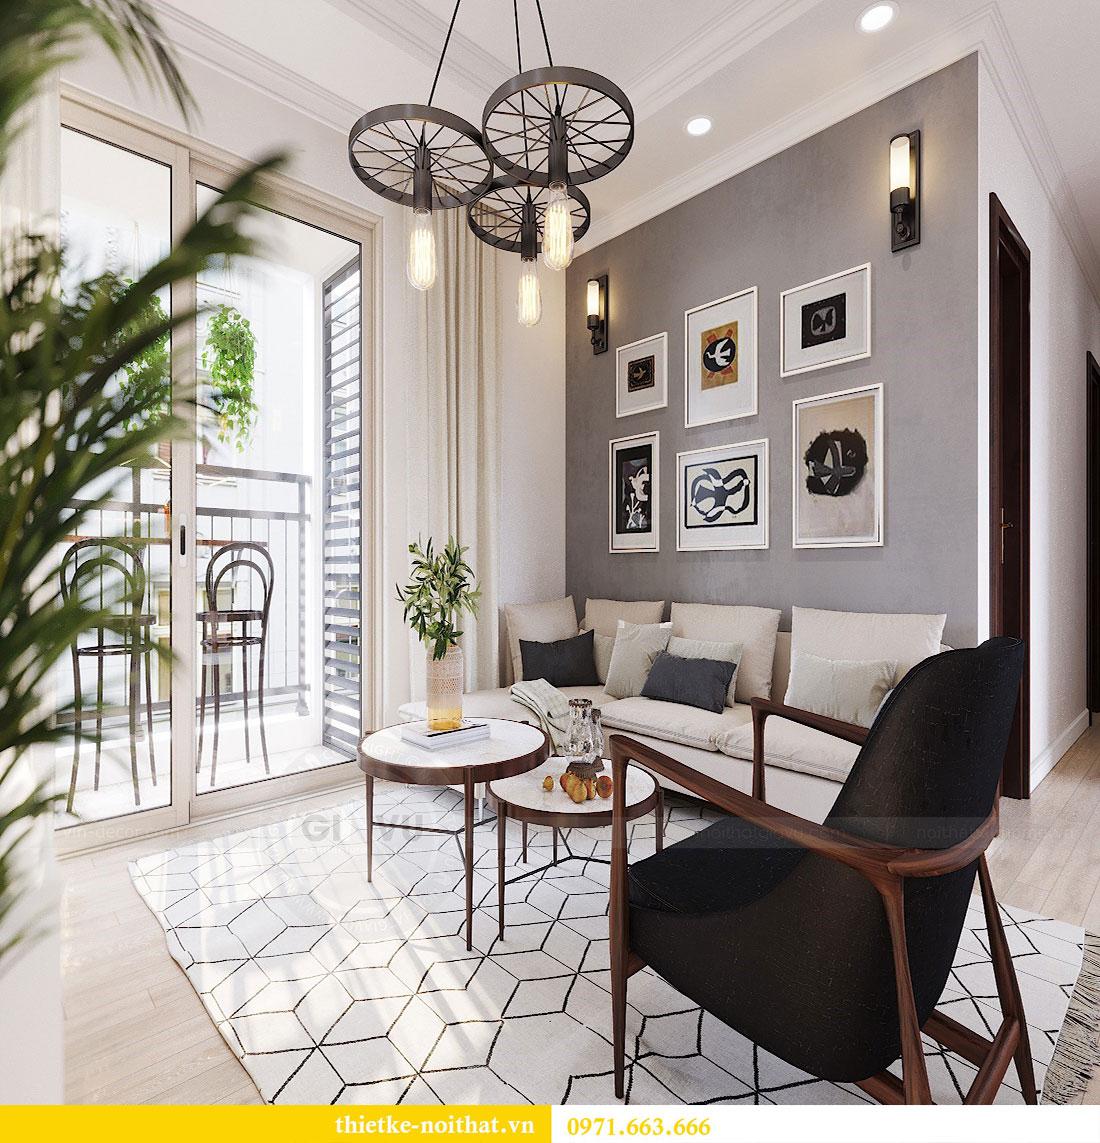 Thiết kế chung cư Seasons Avenue căn 01 tòa S3 - Anh Bách 7